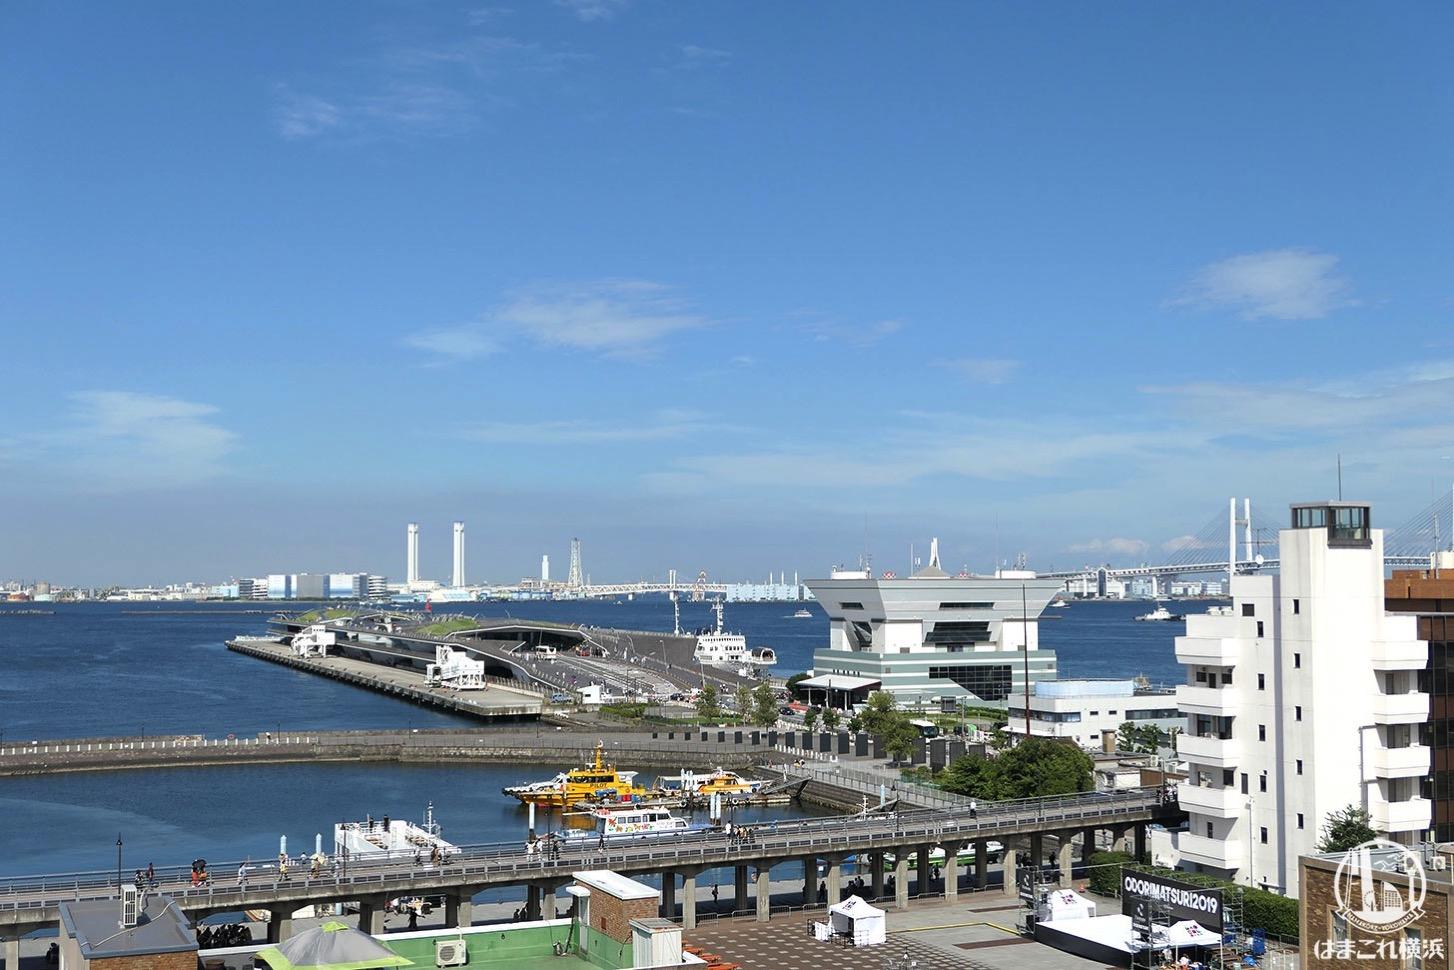 神奈川県庁本庁舎公開 屋上から見た横浜港